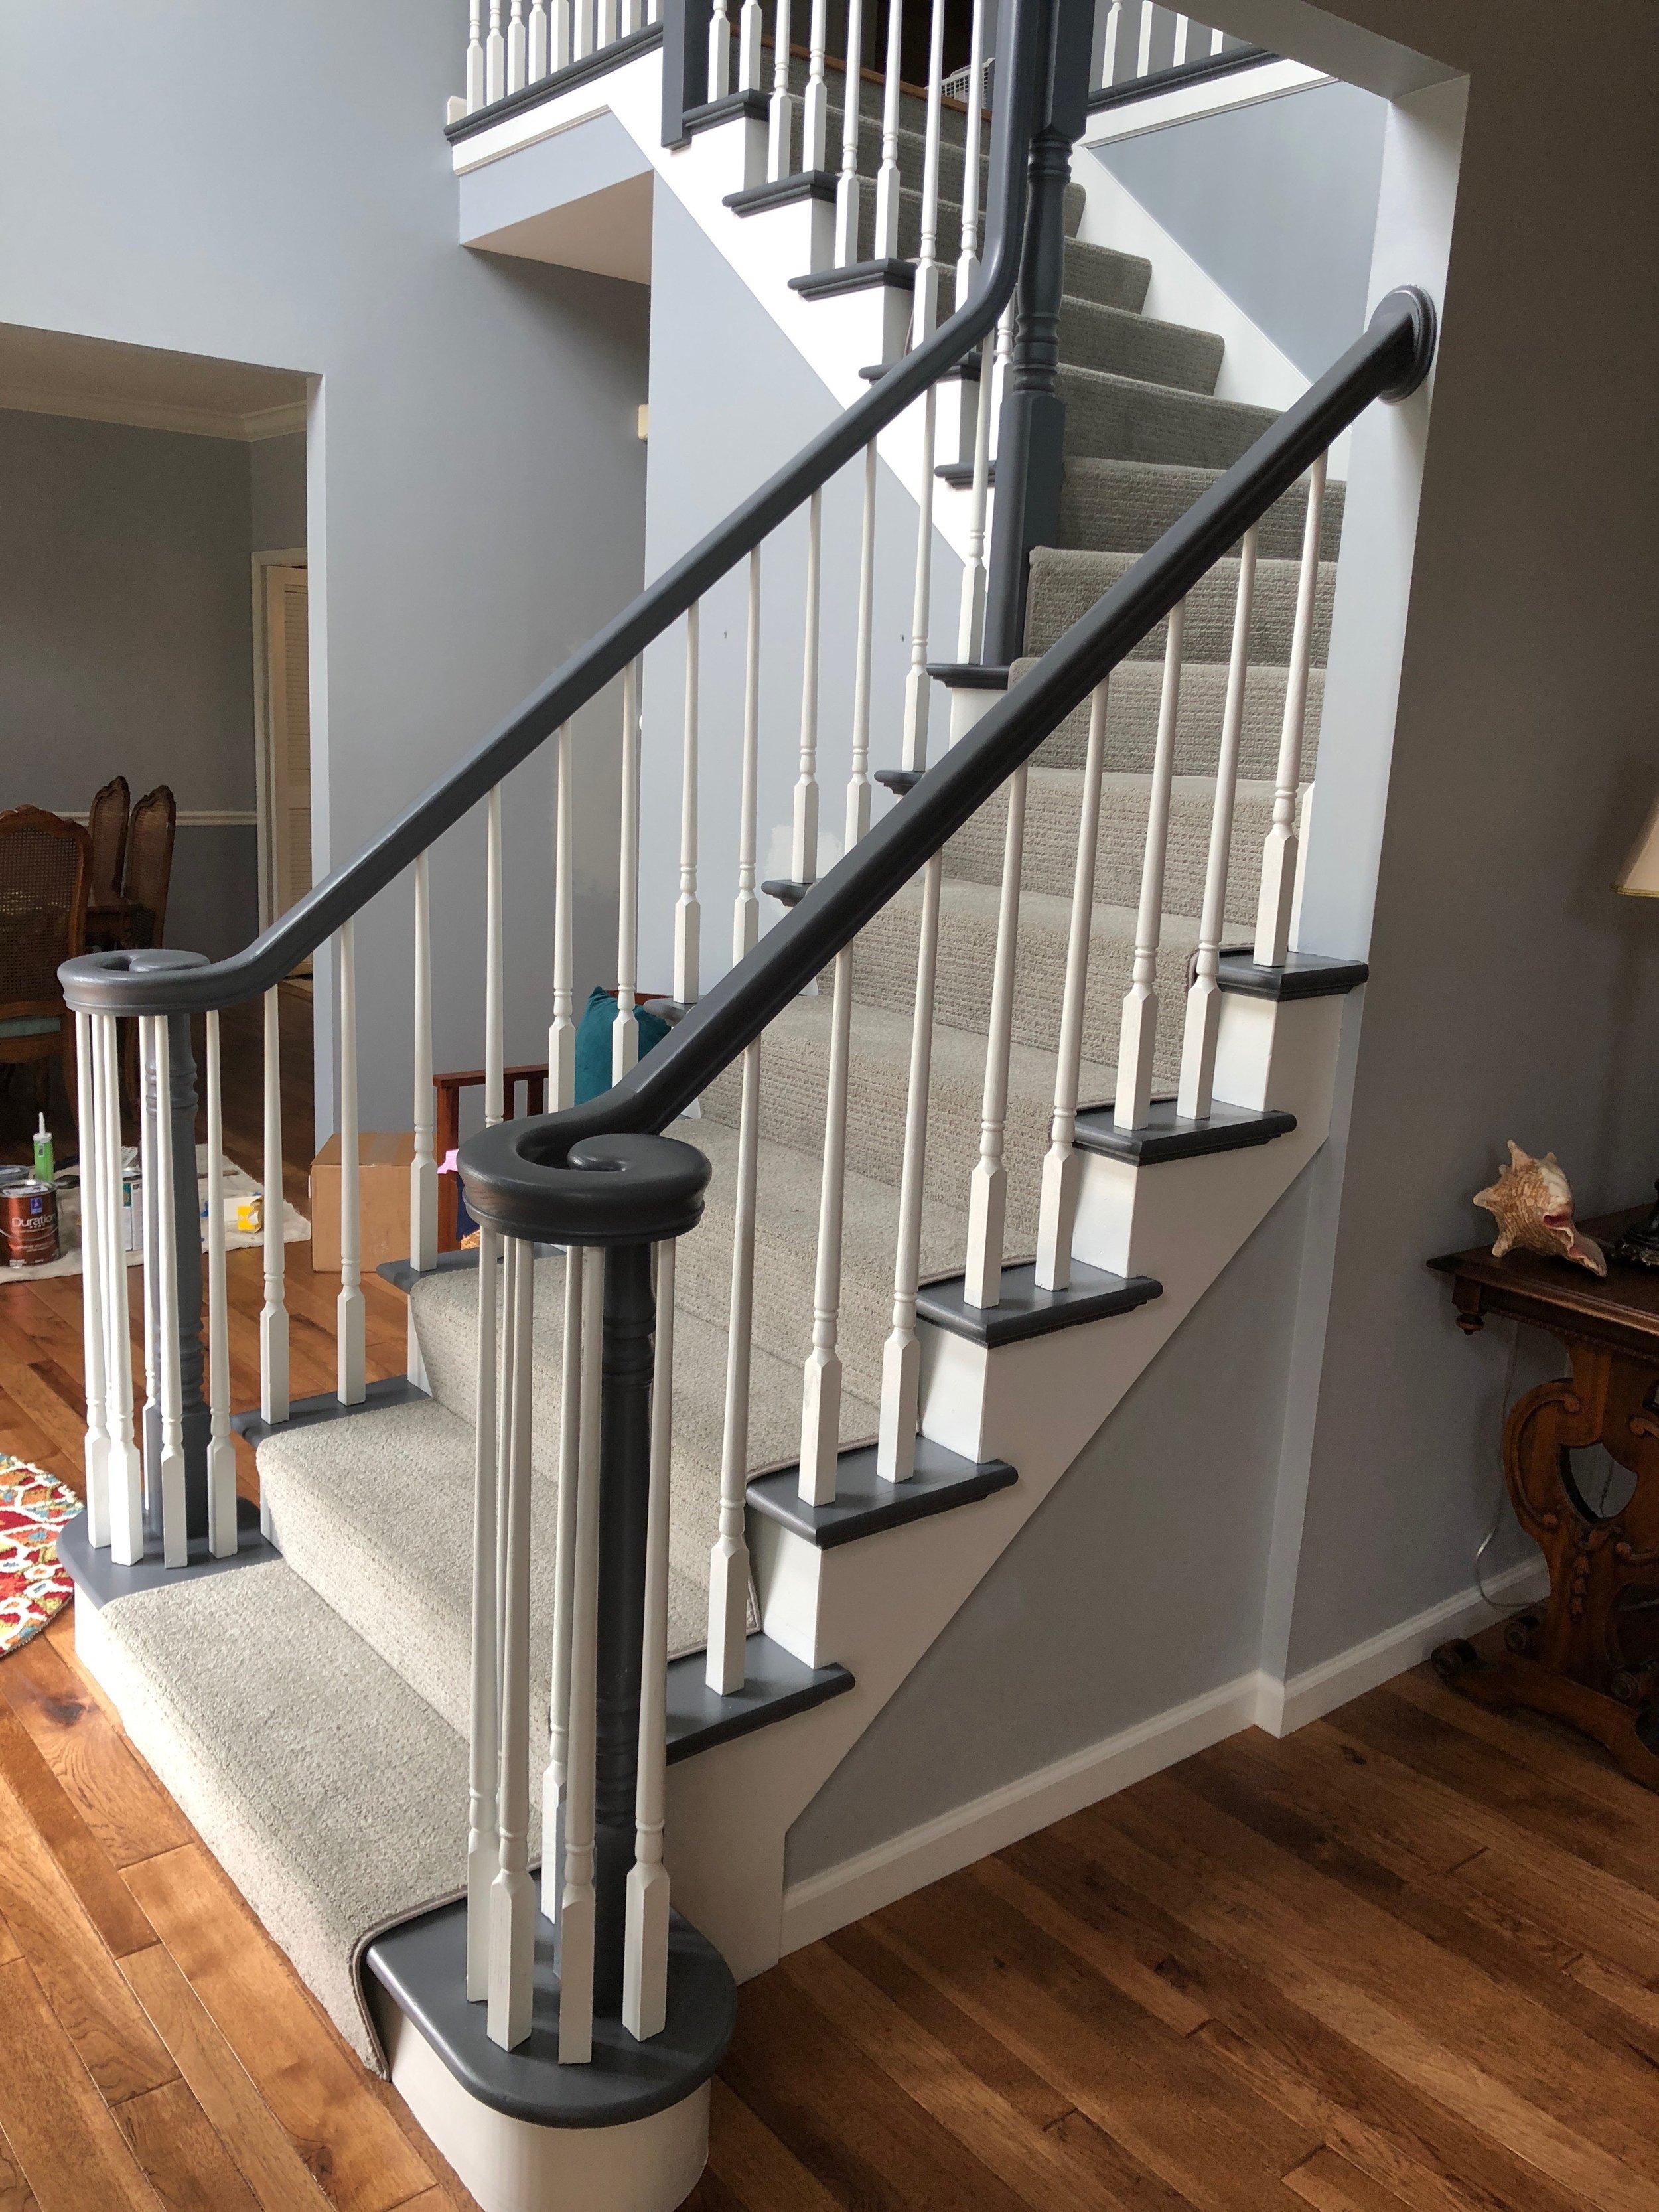 nitzsche stair.jpeg